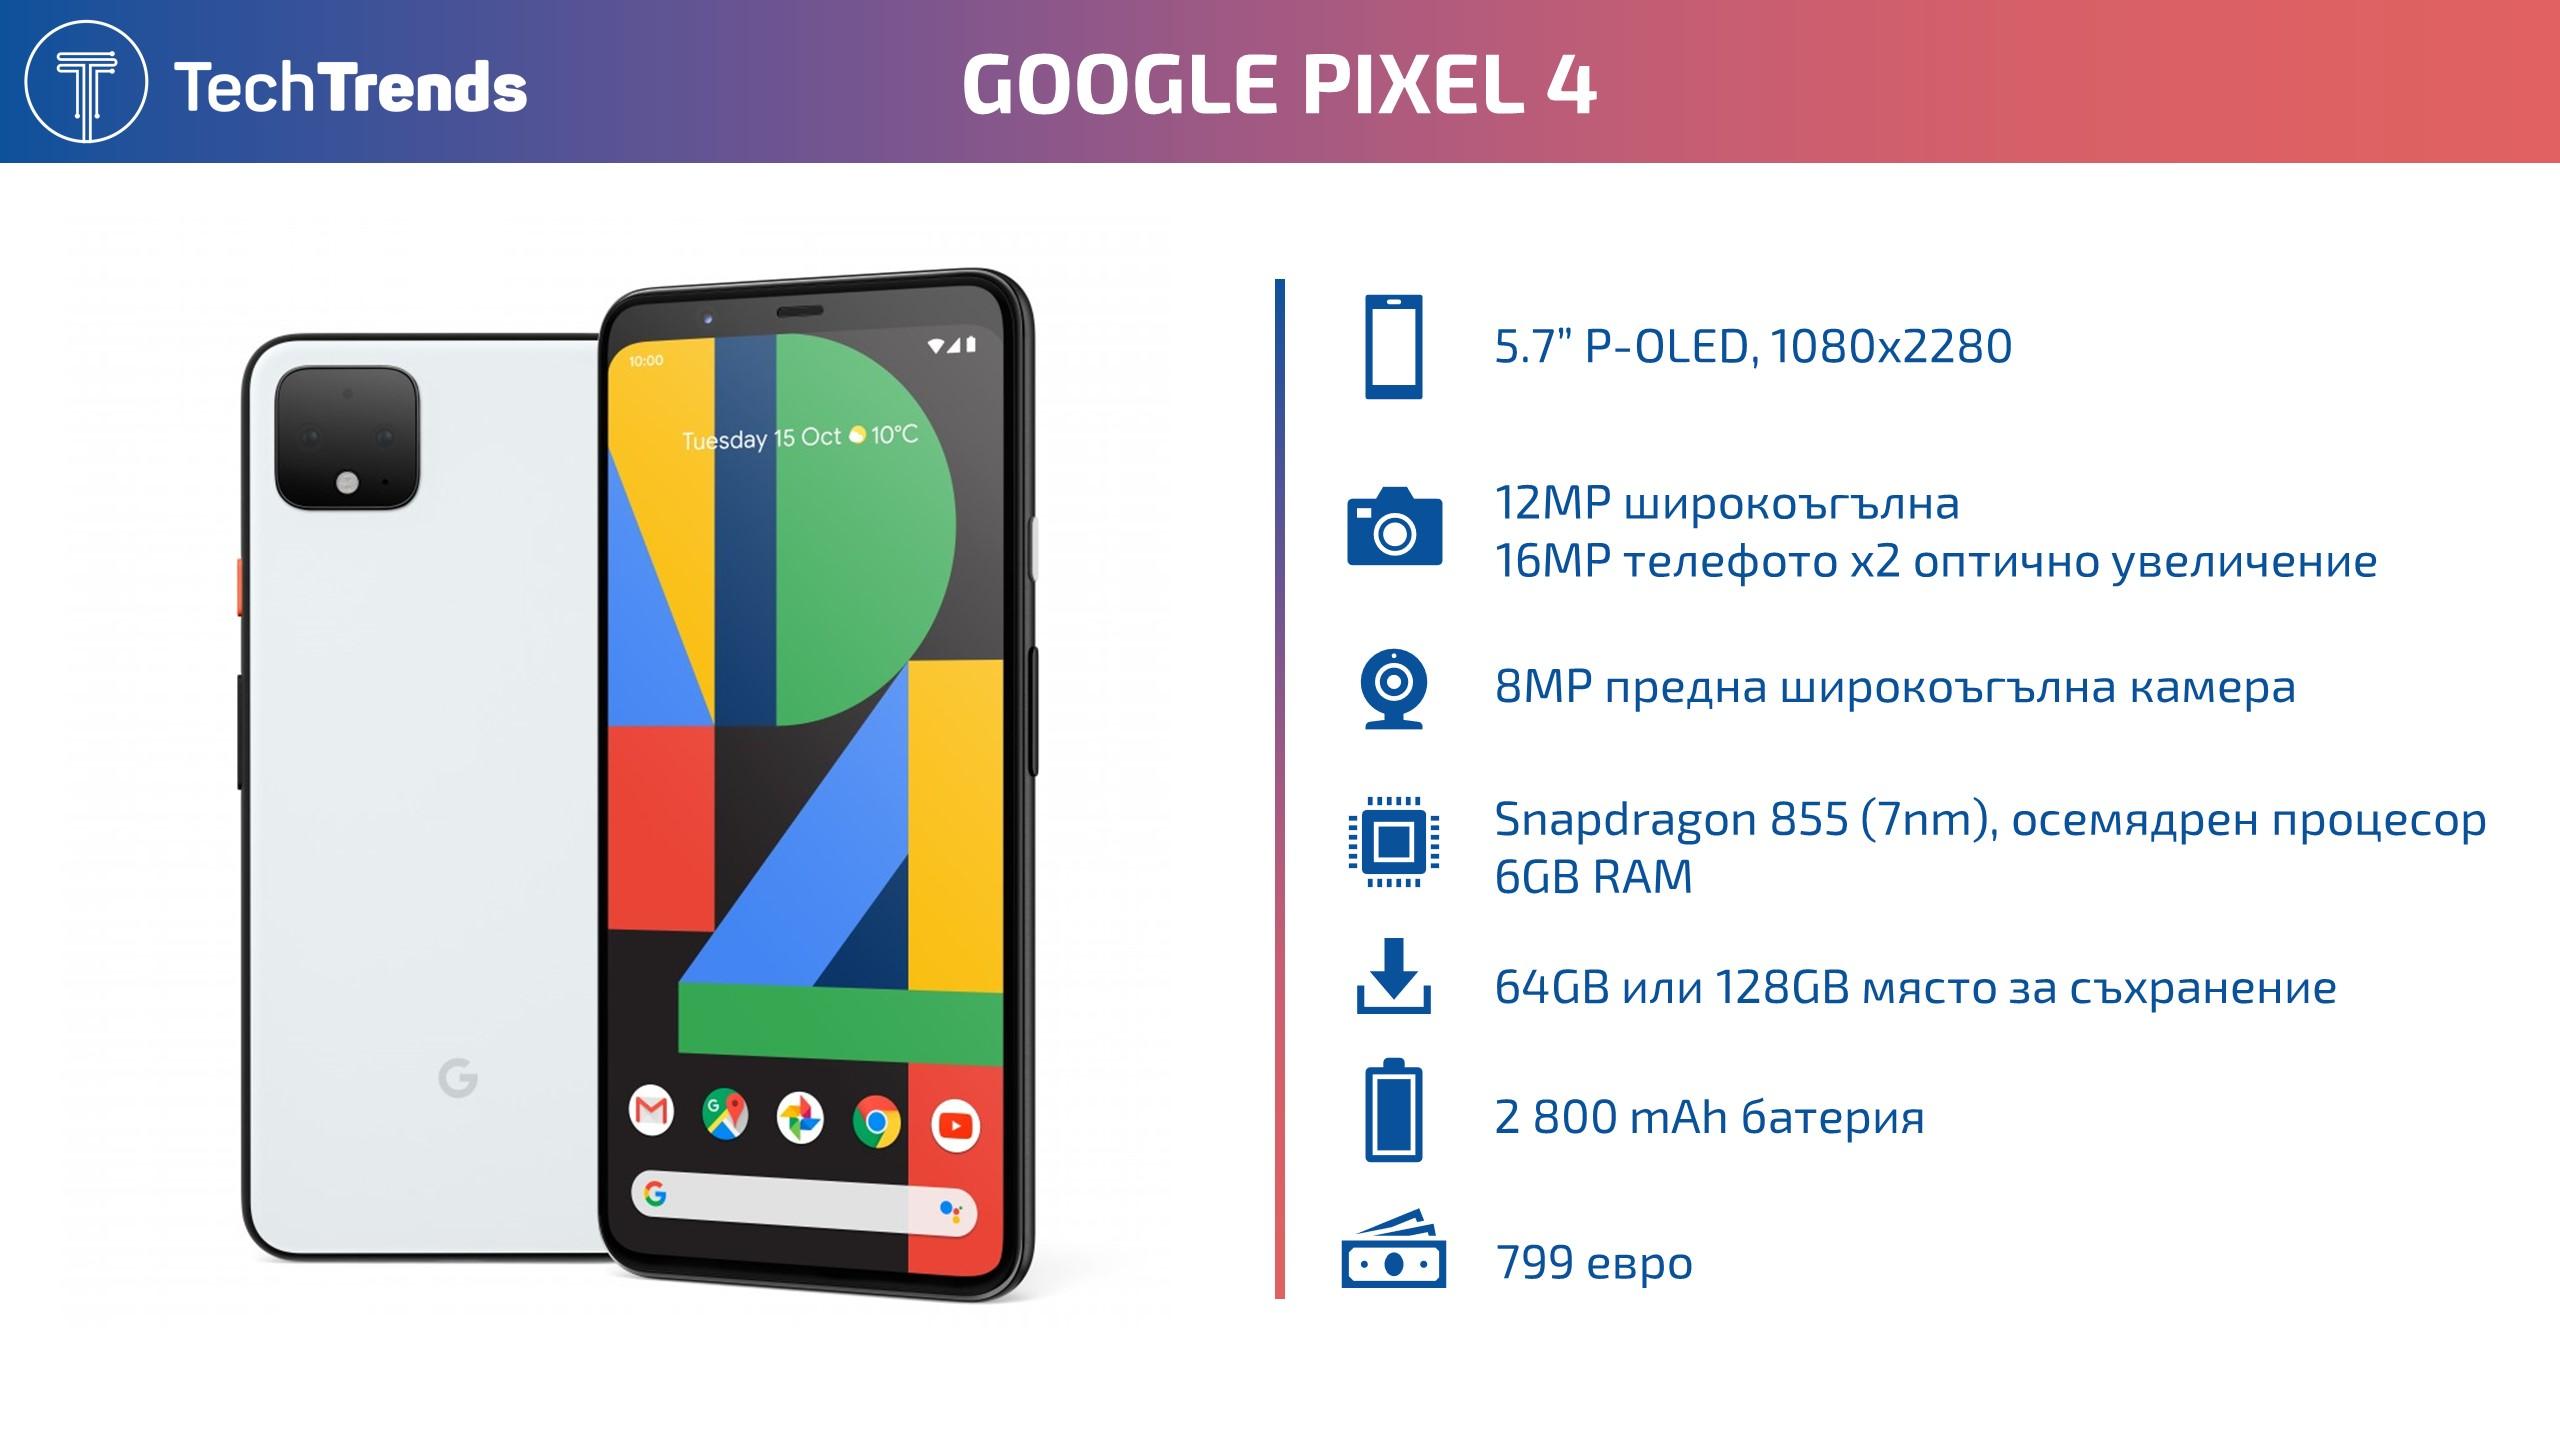 Pixel 4 Infographic